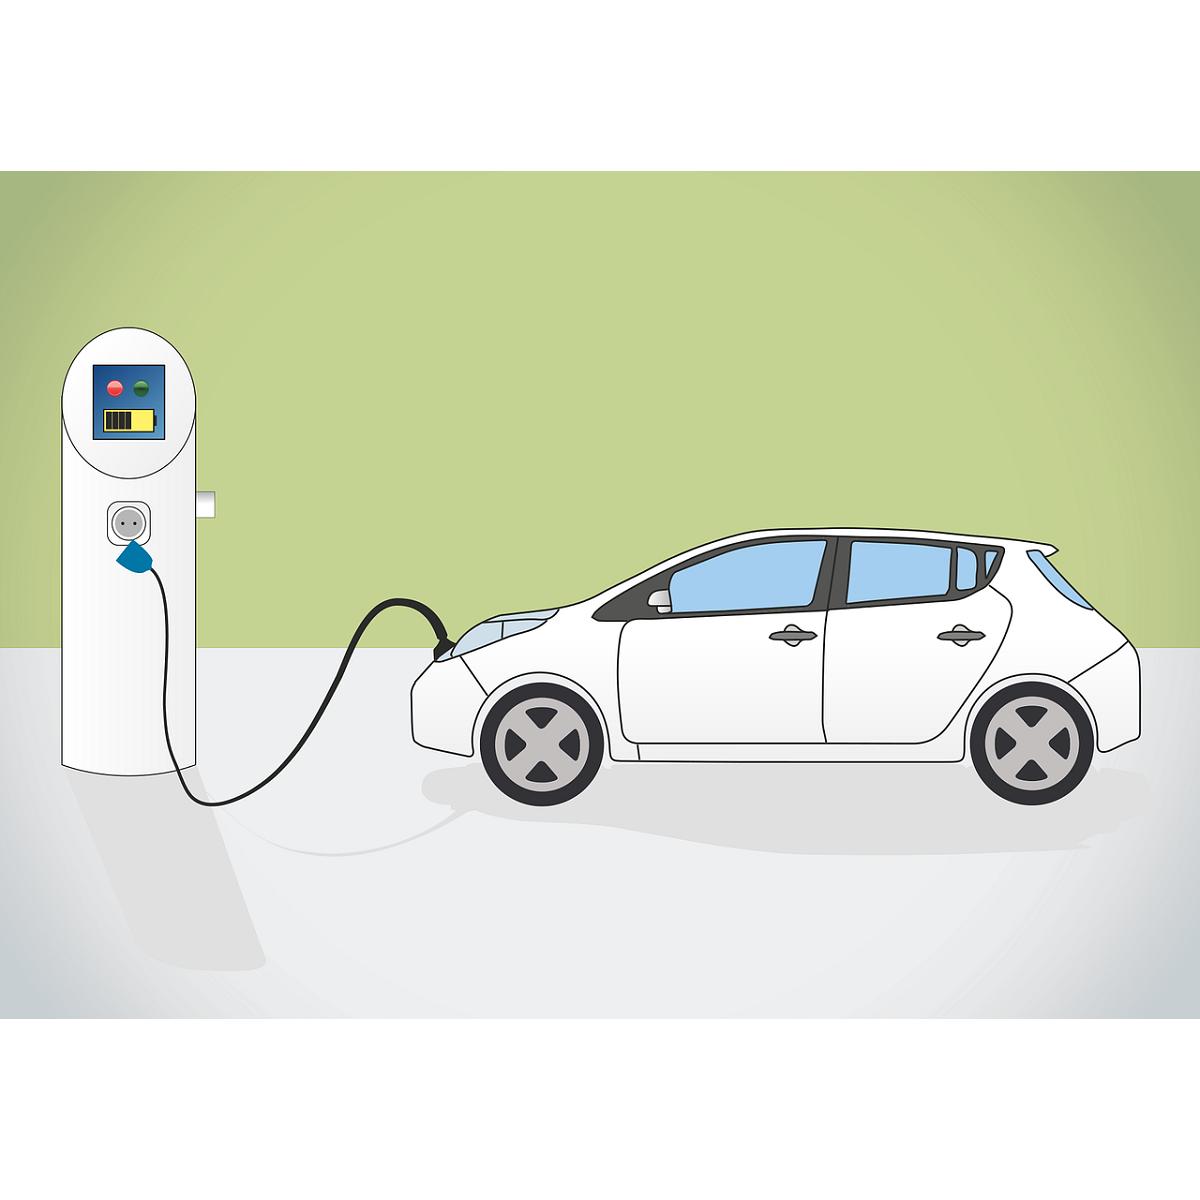 Toyota pronta a dotare le proprie auto con batterie allo stato solido nel 2021